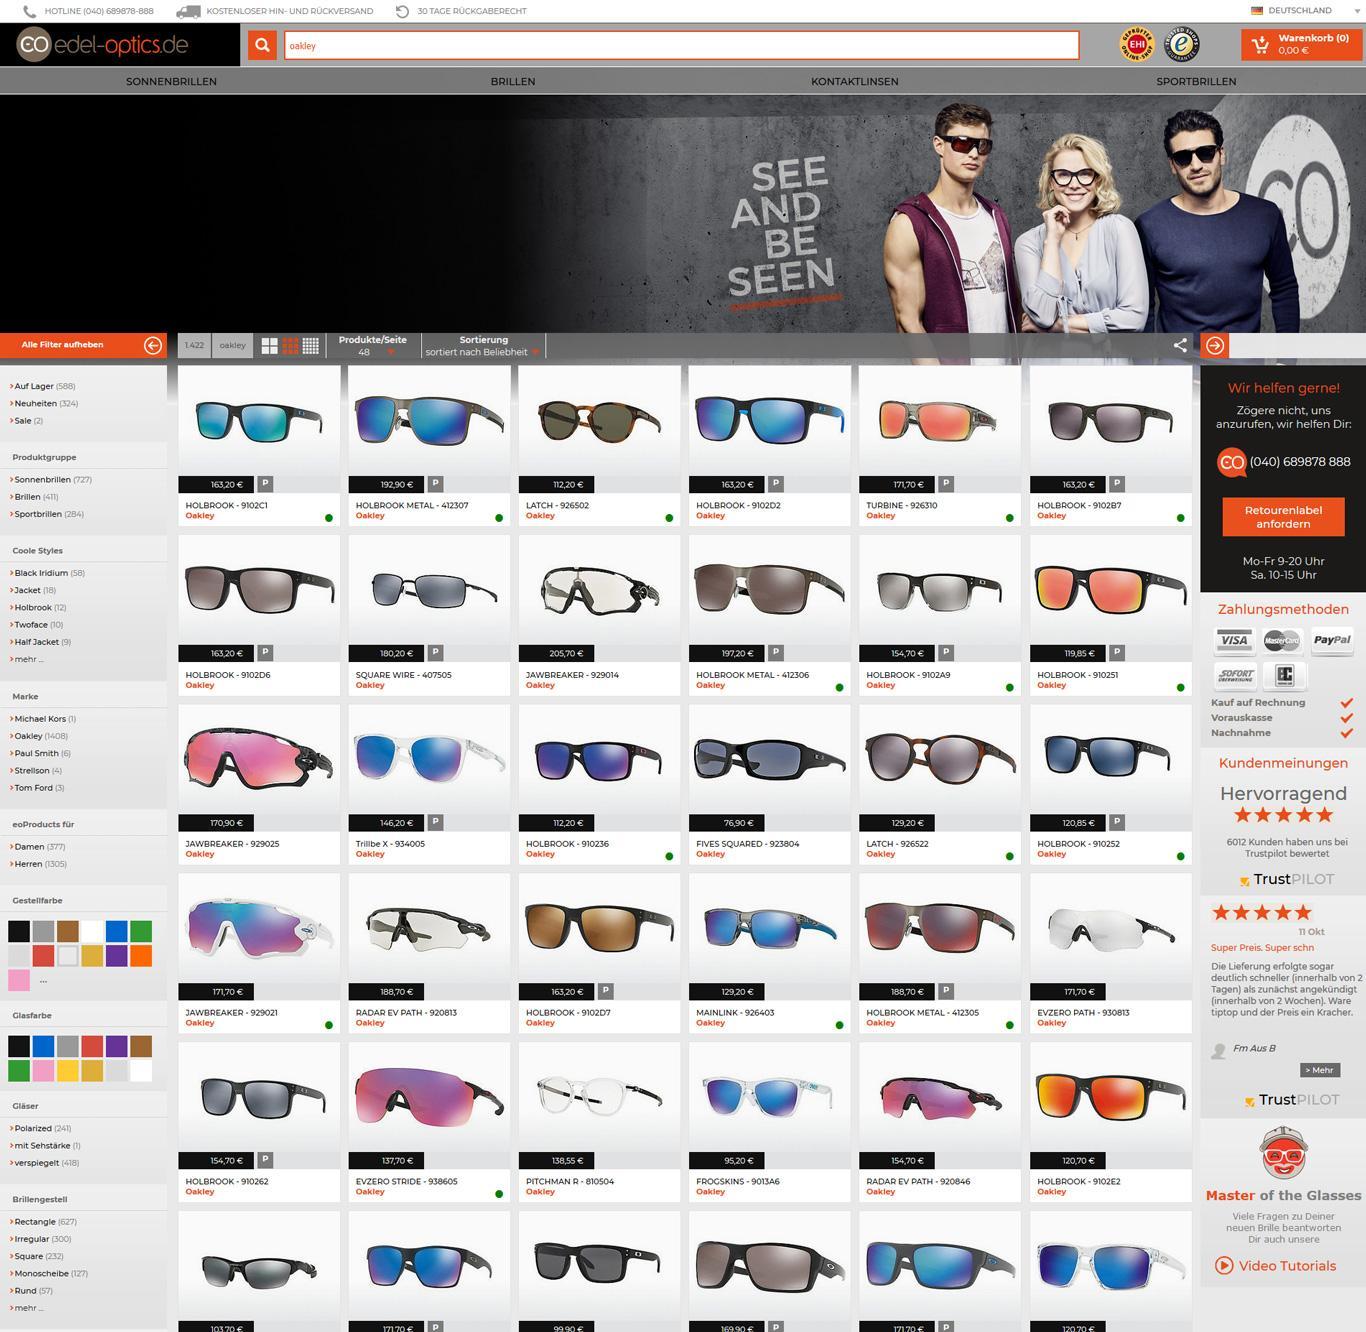 Oakley-Auswahl im Shop von Edel-Optics.de